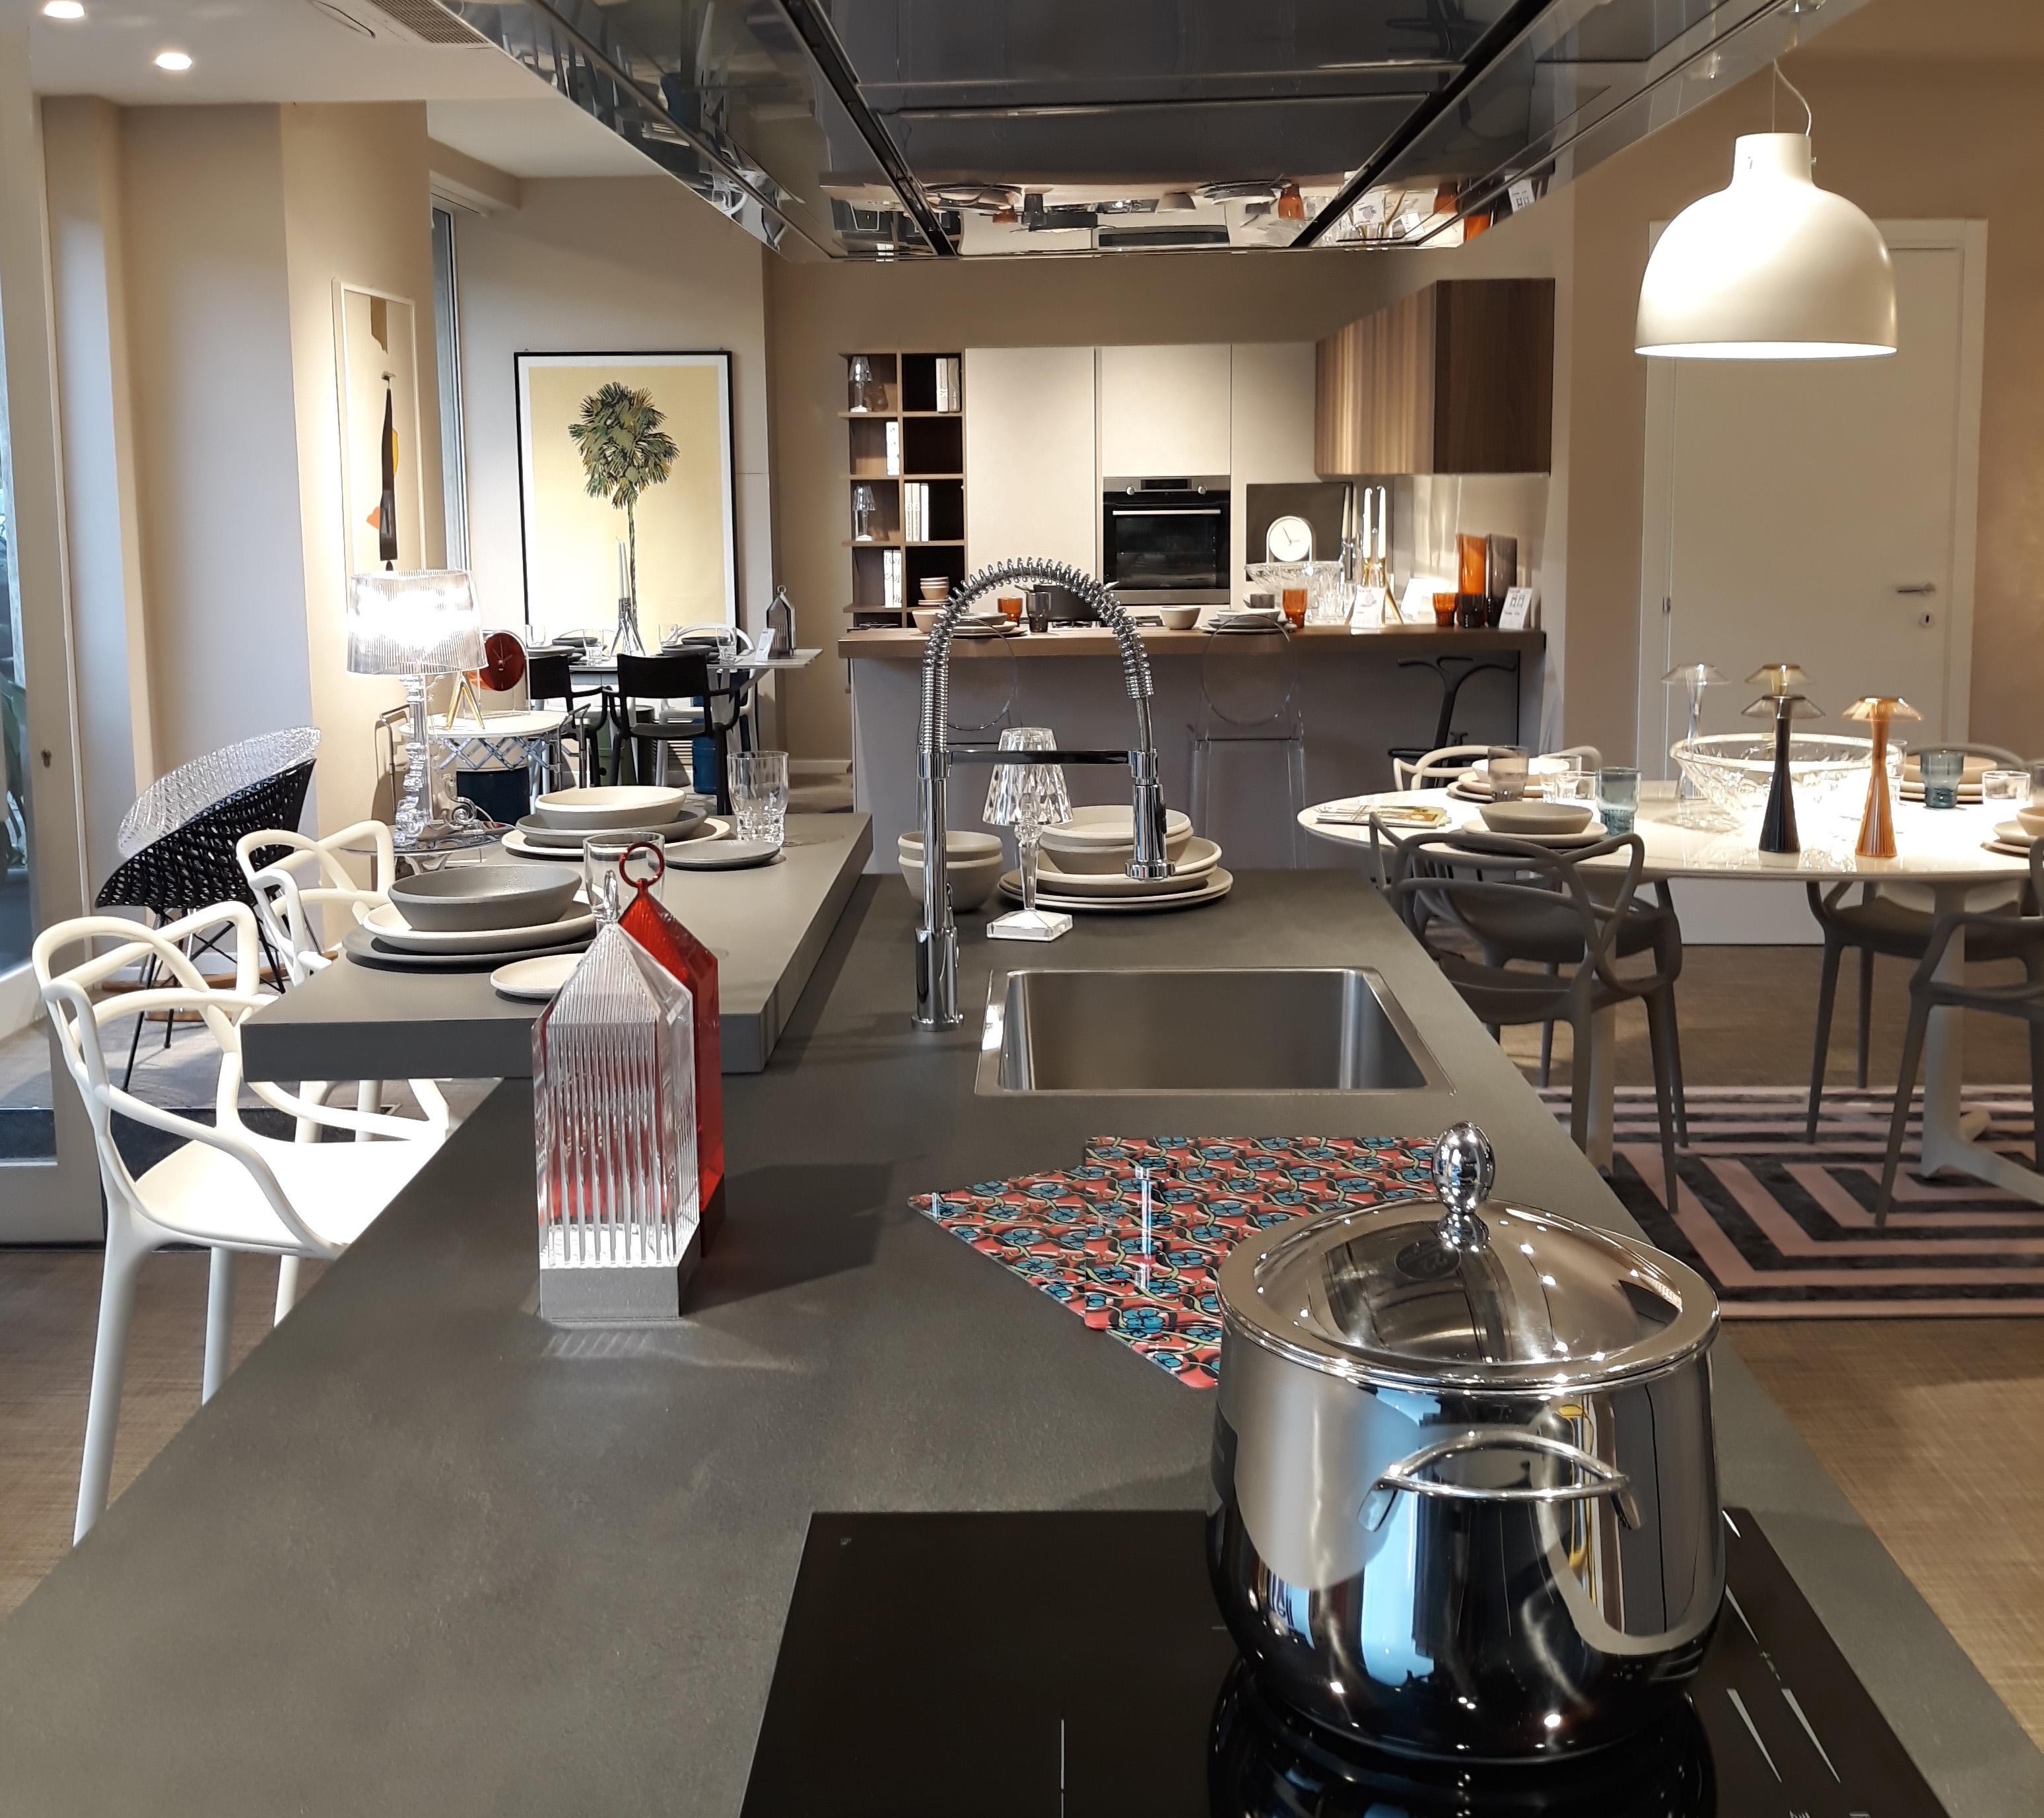 Cucine Arredamento Firenze.Cucine A Firenze Arreda Review